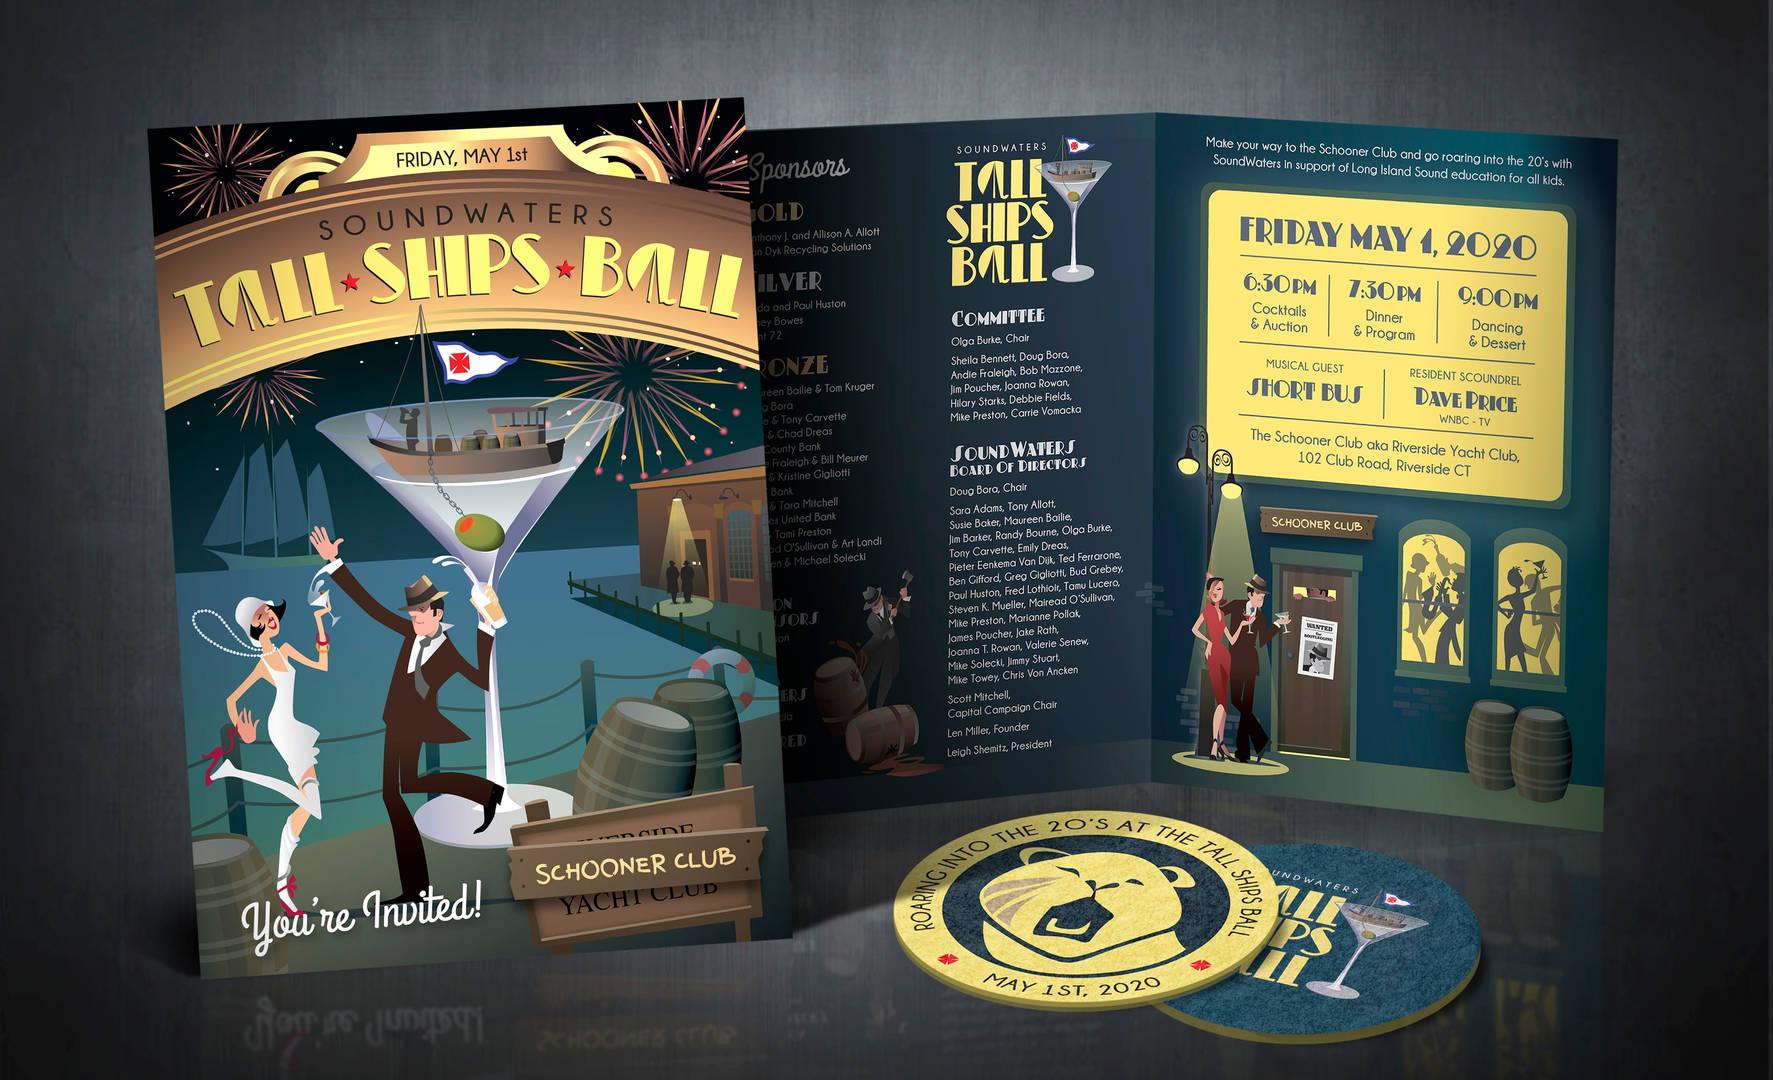 Tall Ship's Ball - Invitation and coasters